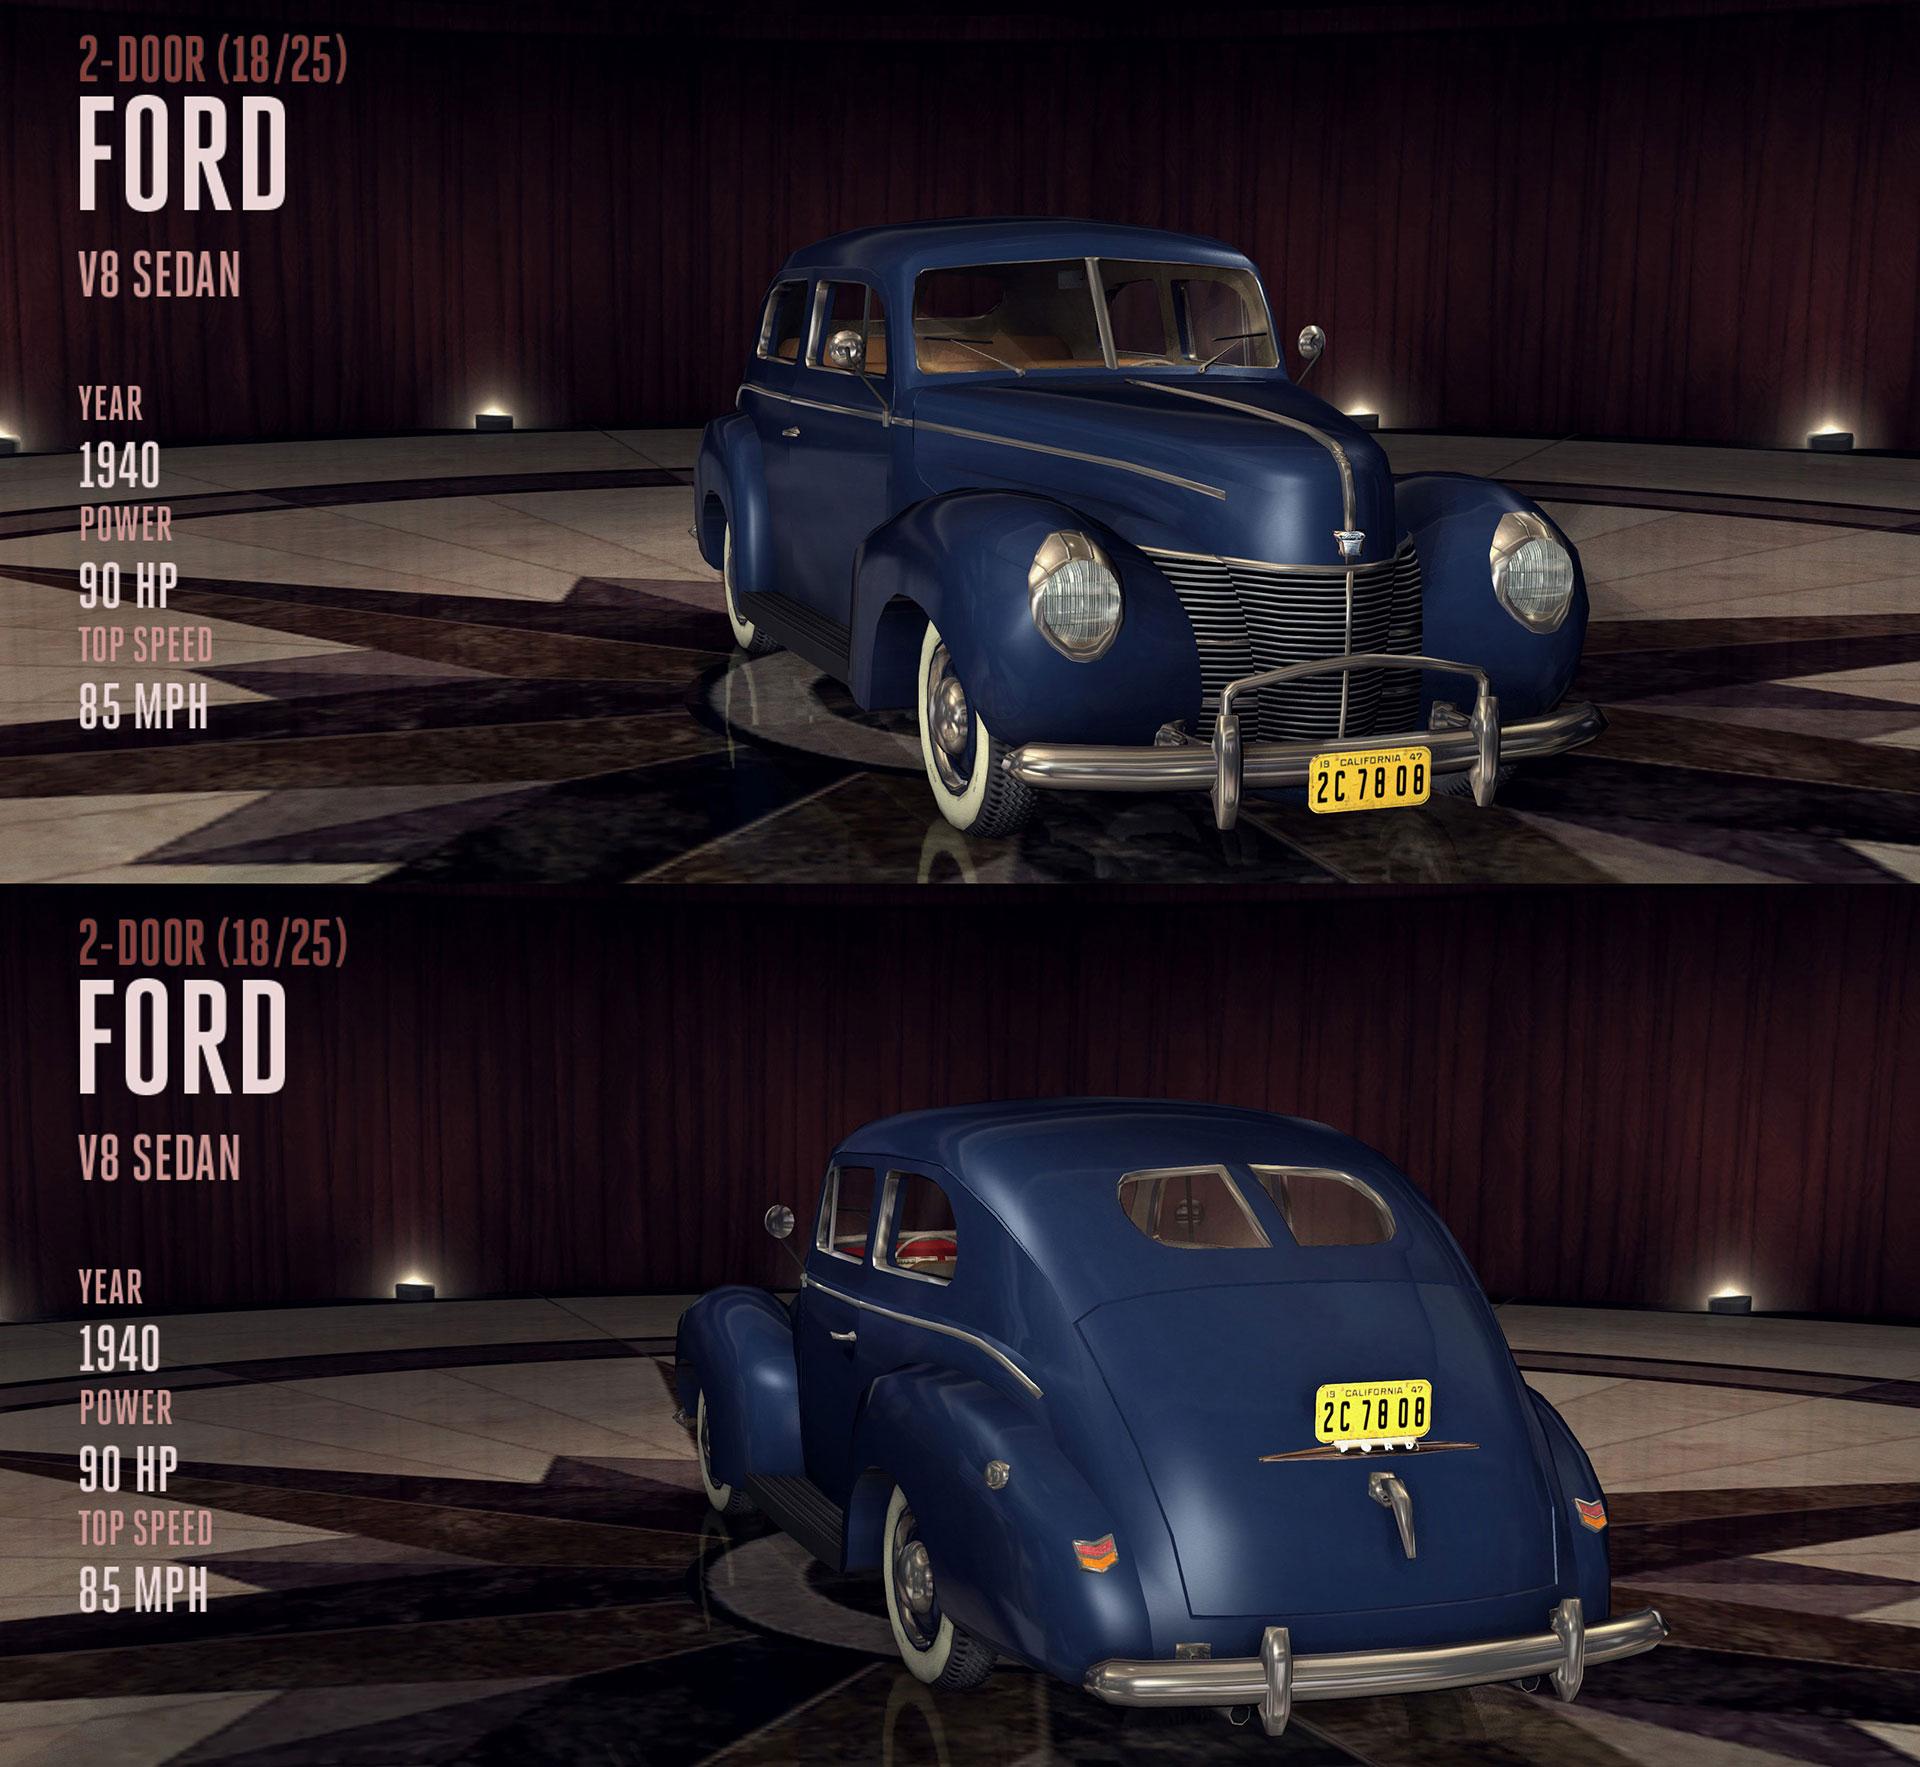 File:1940-ford-v8-sedan.jpg